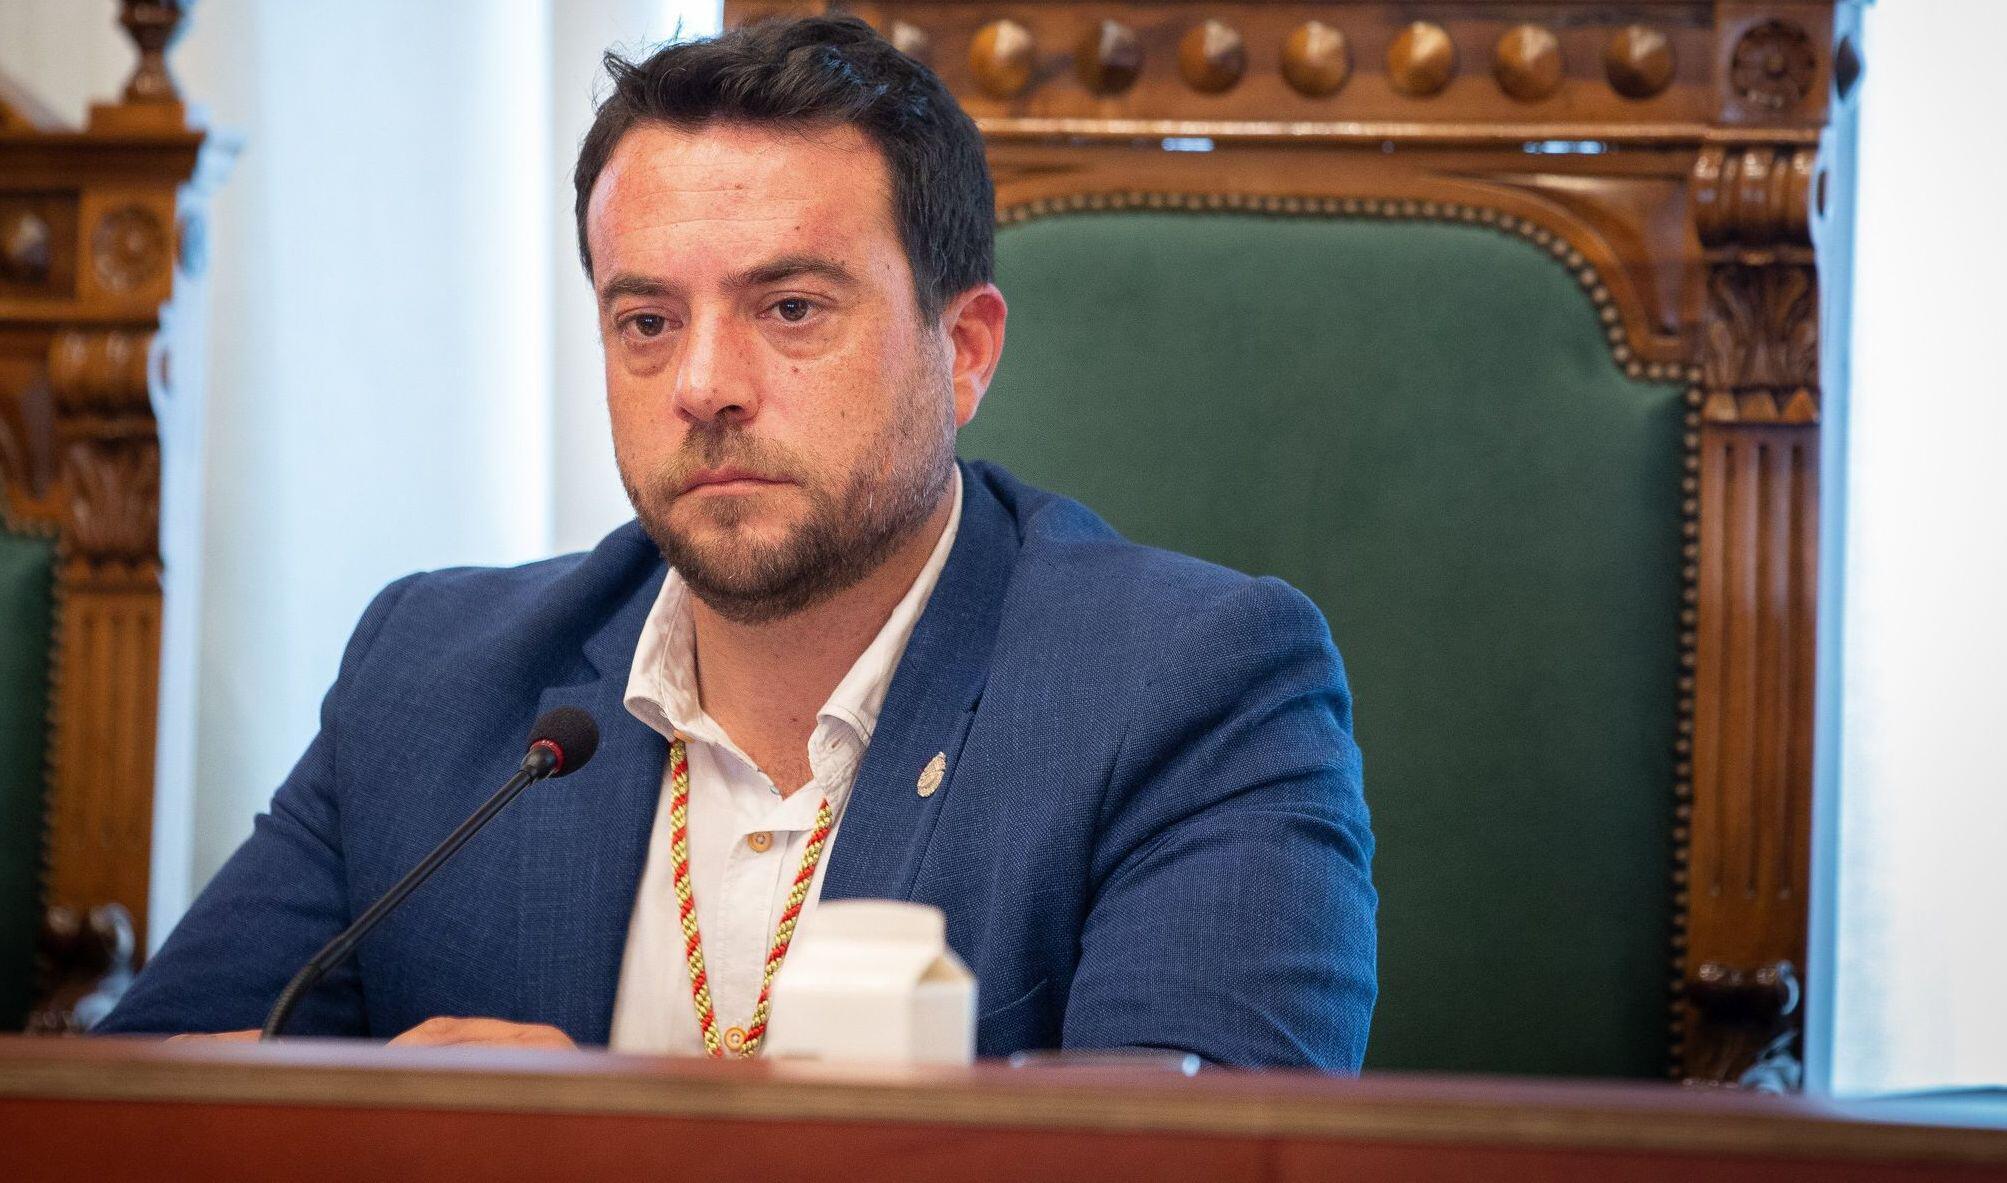 Bild zu Bürgermeister der katalanischen Küstenstadt Badalona tritt ab